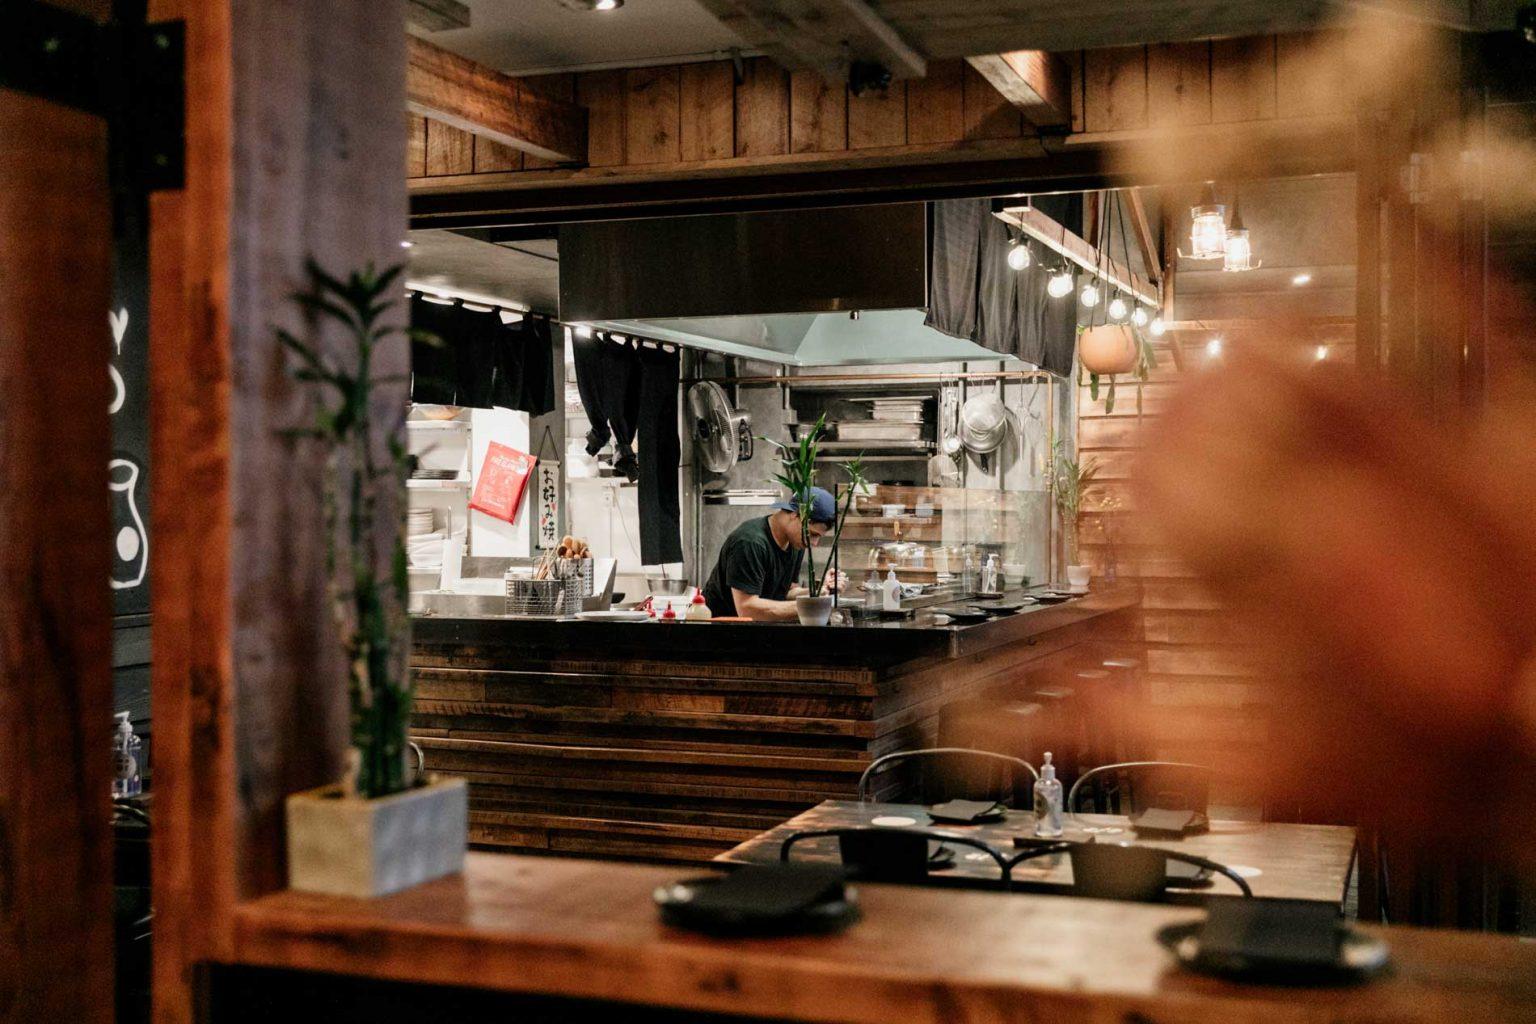 Oi old kitchen